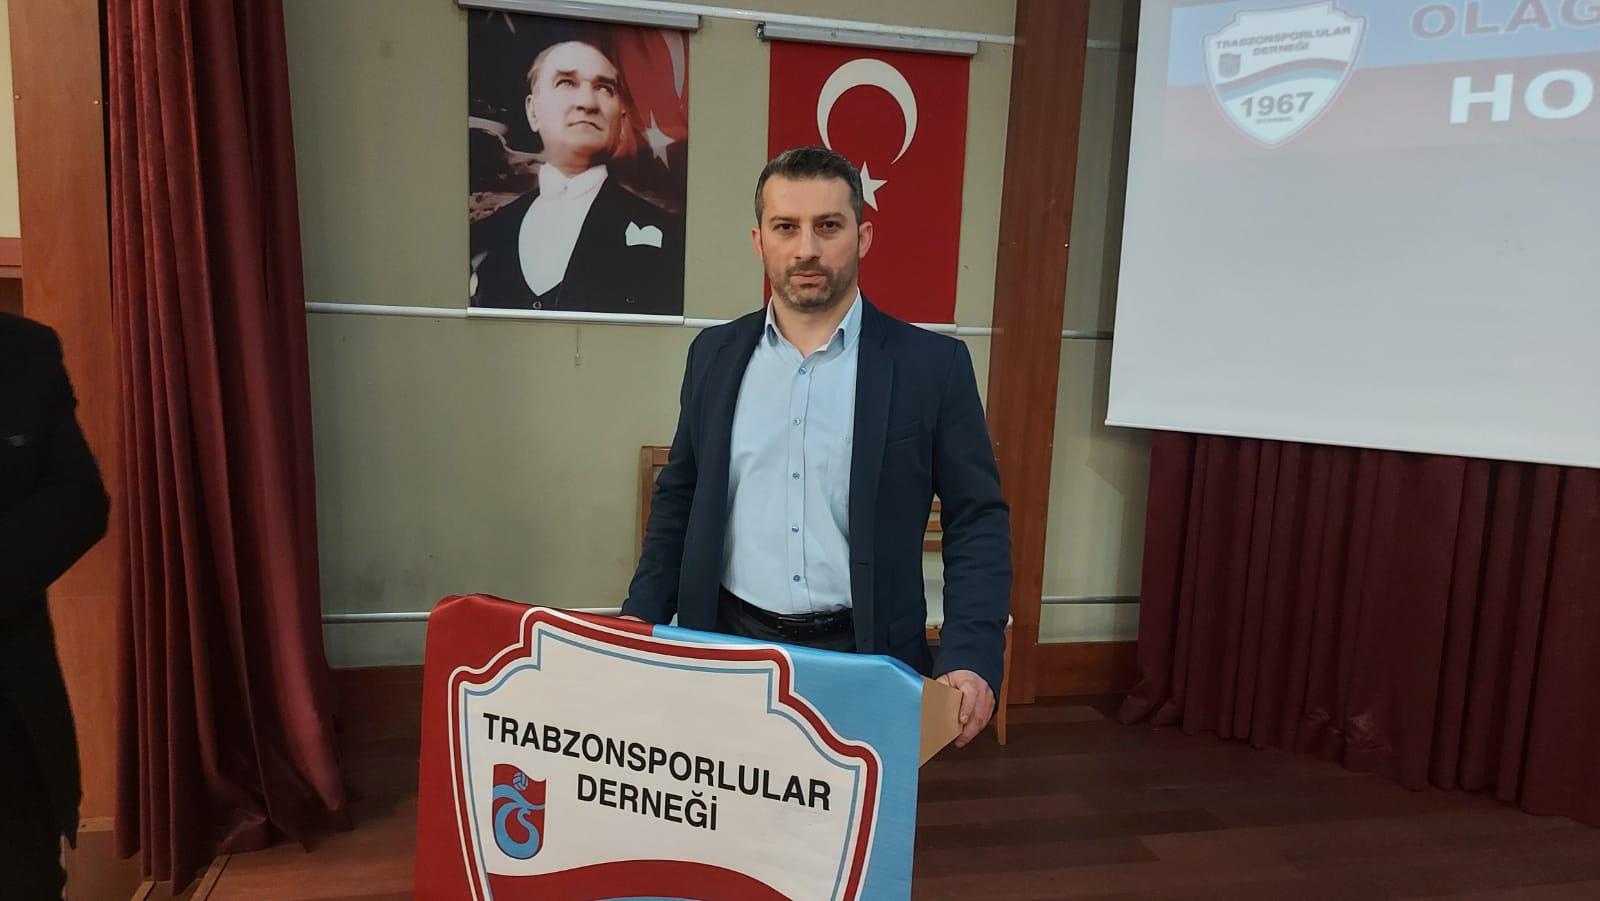 1967 Trabzonsporlular derneği Engin Hacıbayramoğlu'ndan sorulacak